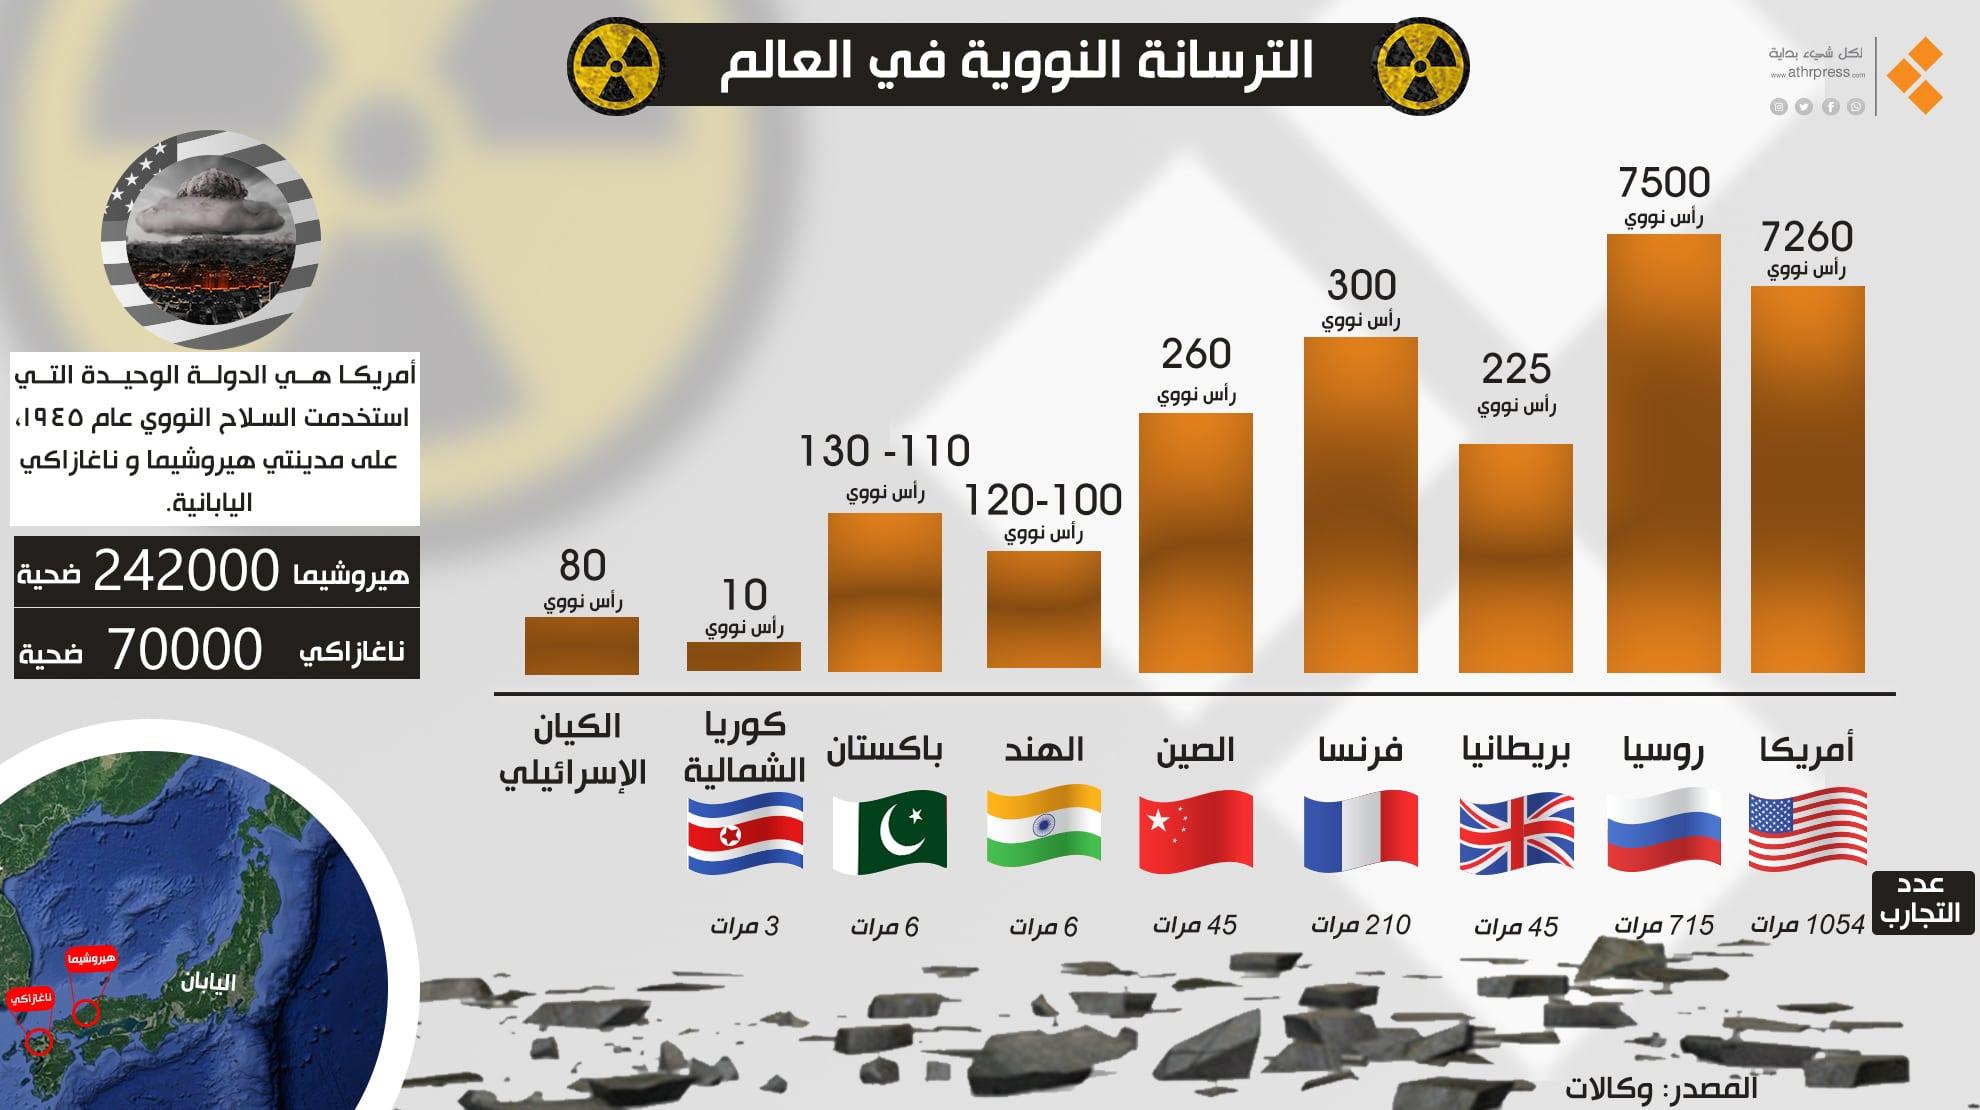 تقرير صادم..الأسلحة النووية في إزدياد والعالم بخطر